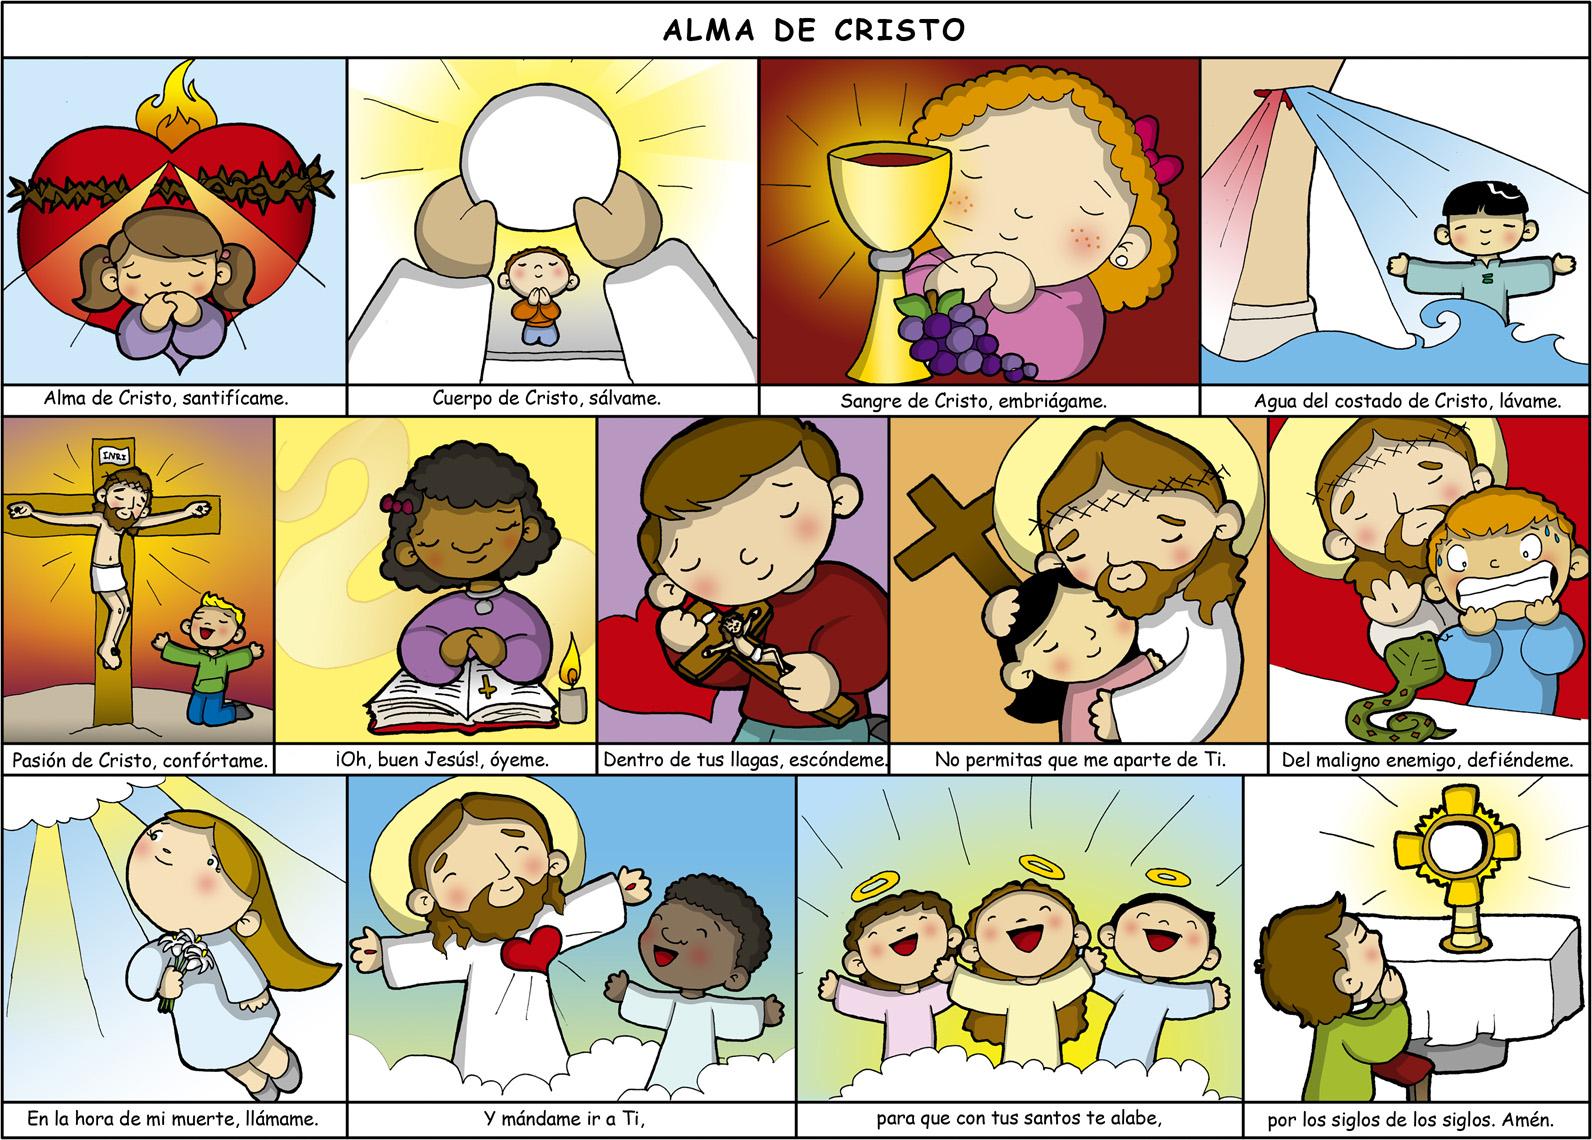 alma-cristo-peru-catolico